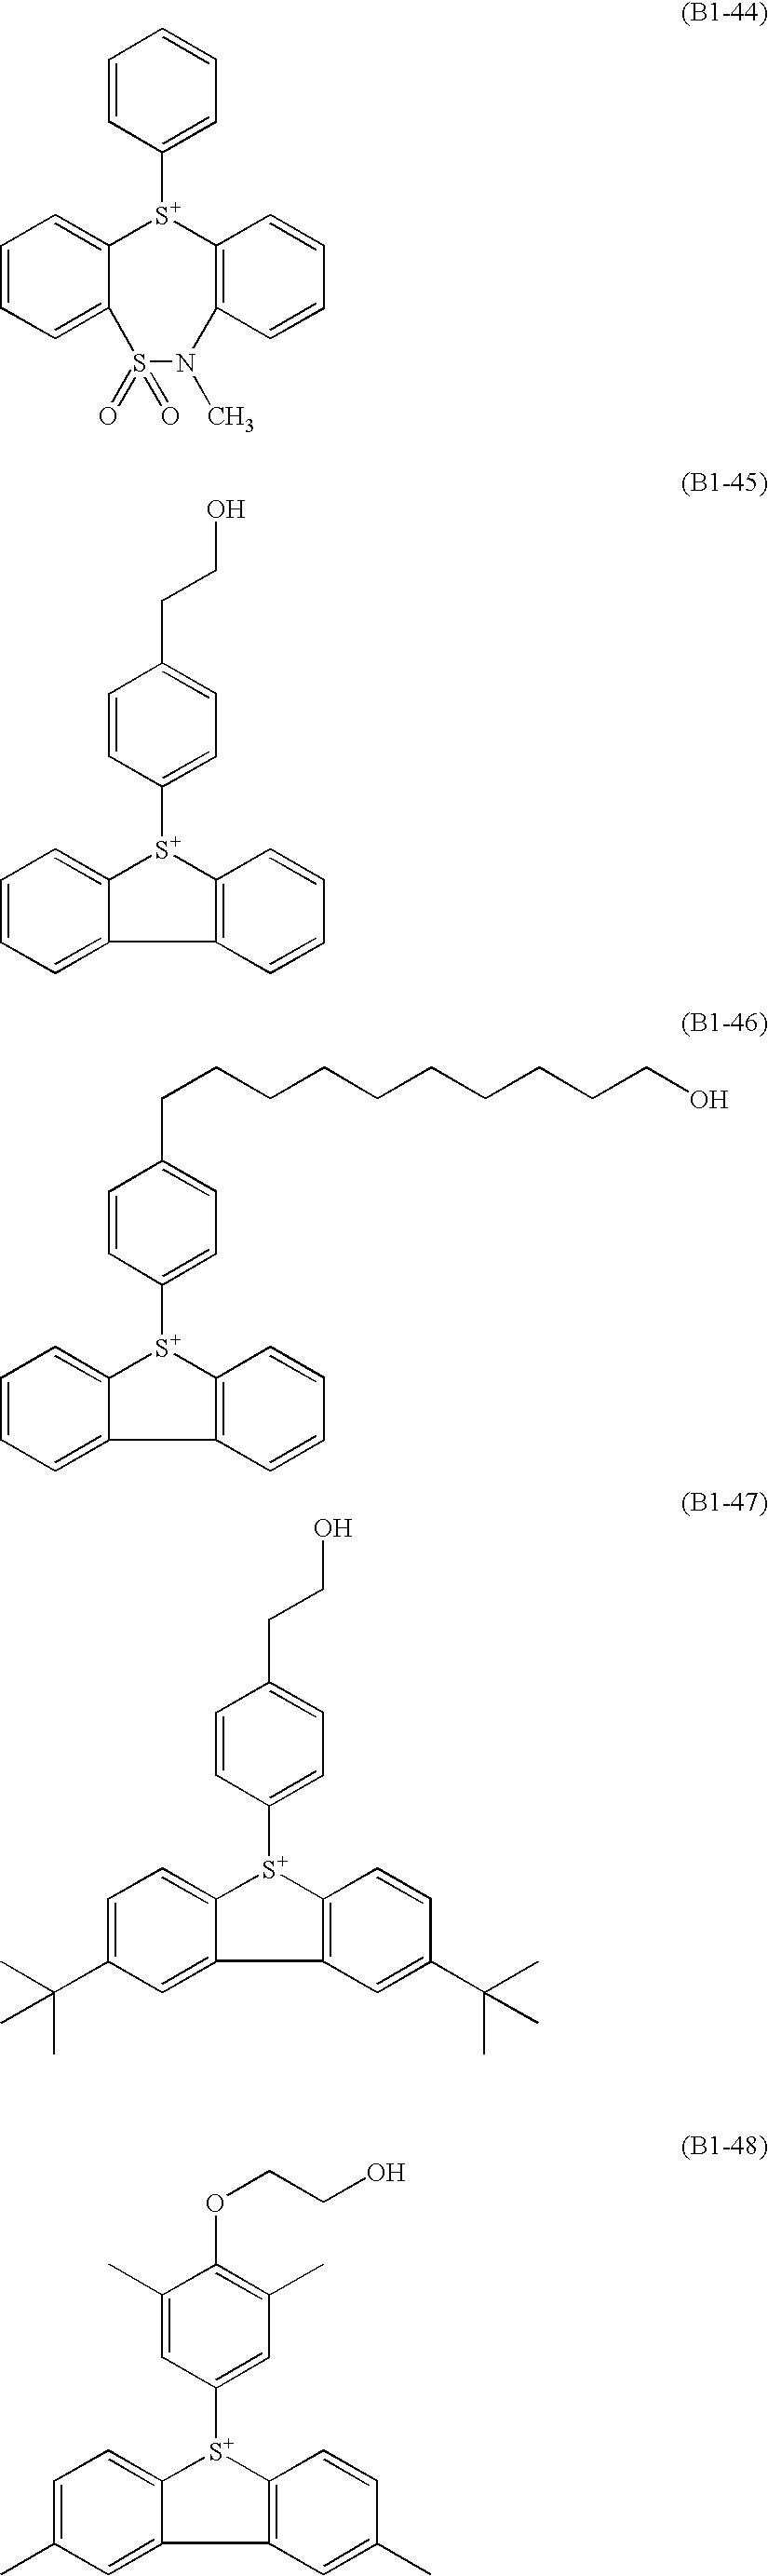 Figure US20100183975A1-20100722-C00019